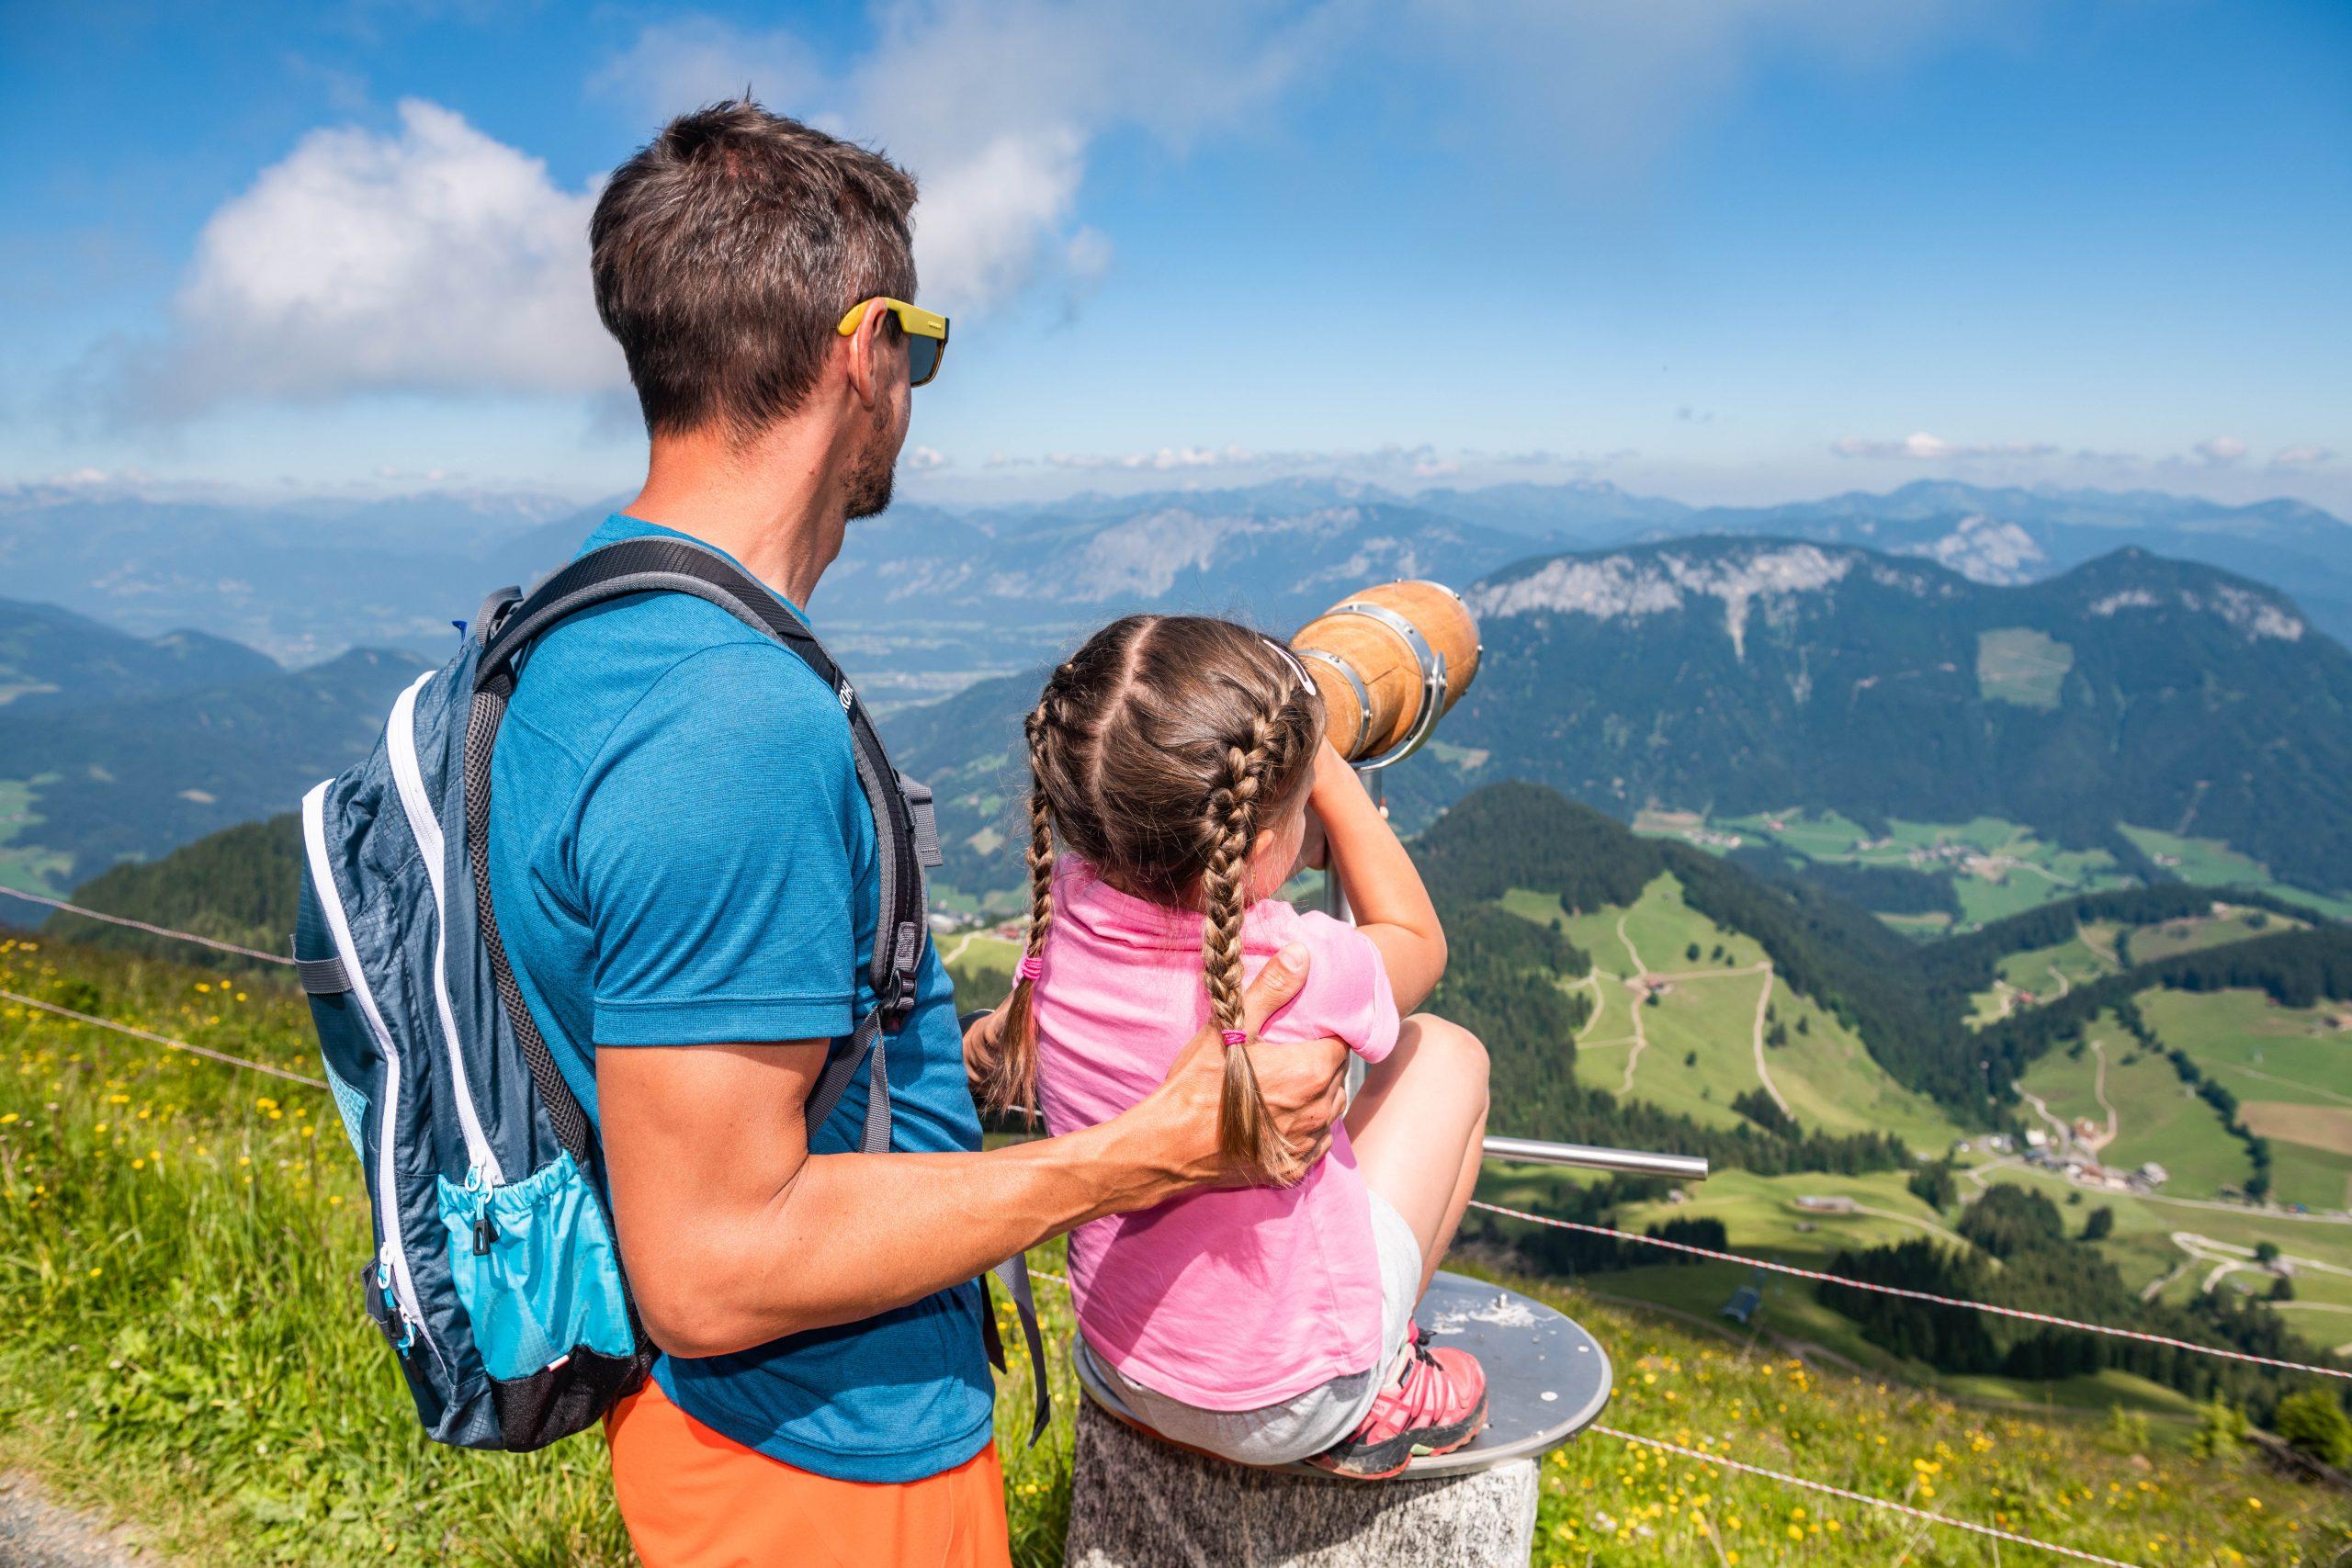 Vater mit Tochter auf Berg mit Fernrohr